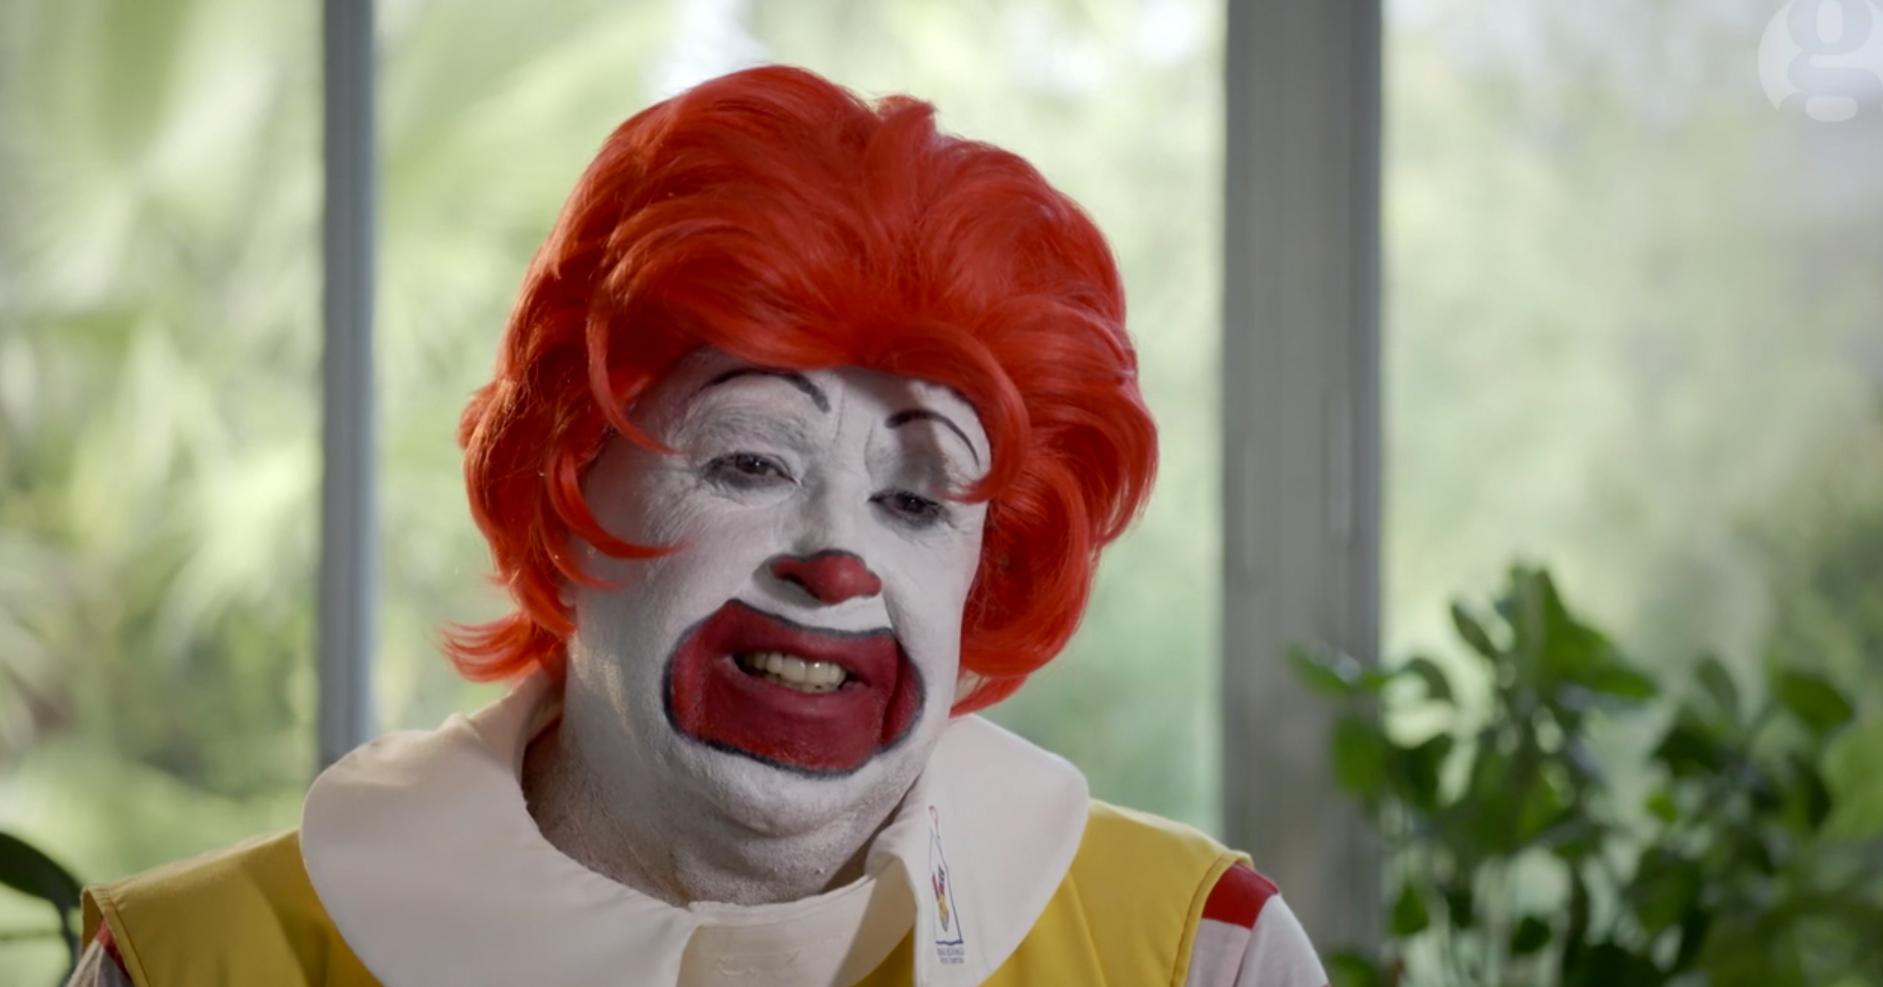 Ronald McDonald – number of actors